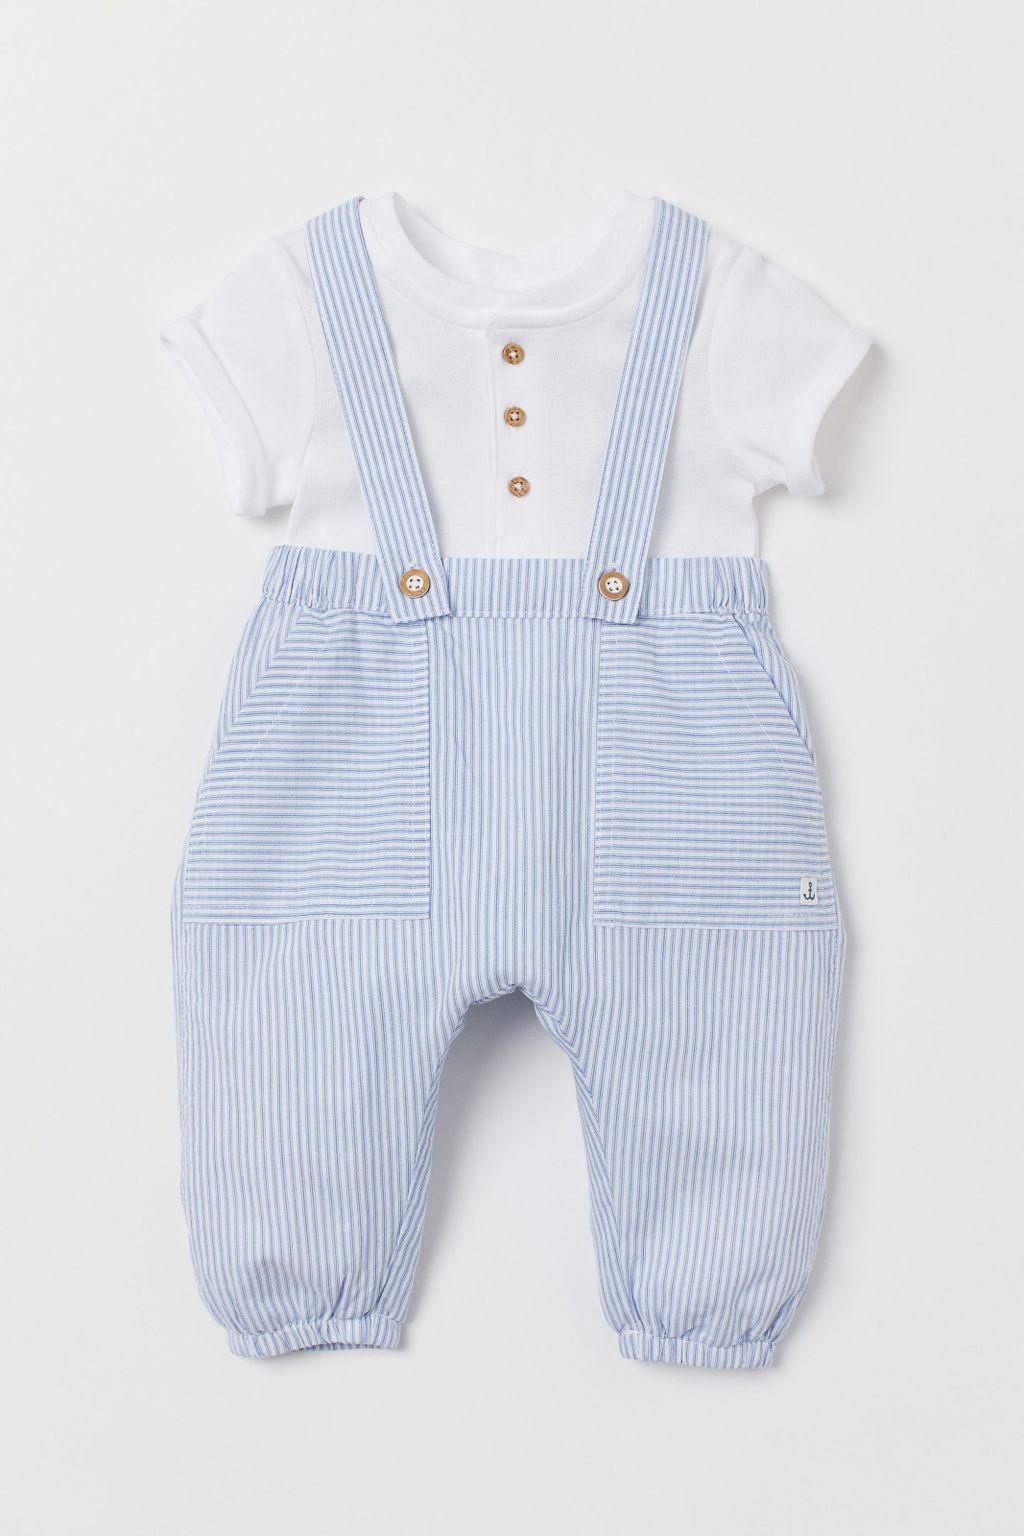 Beba Archie nosi tregerice iz H&M od 75 kuna - 1